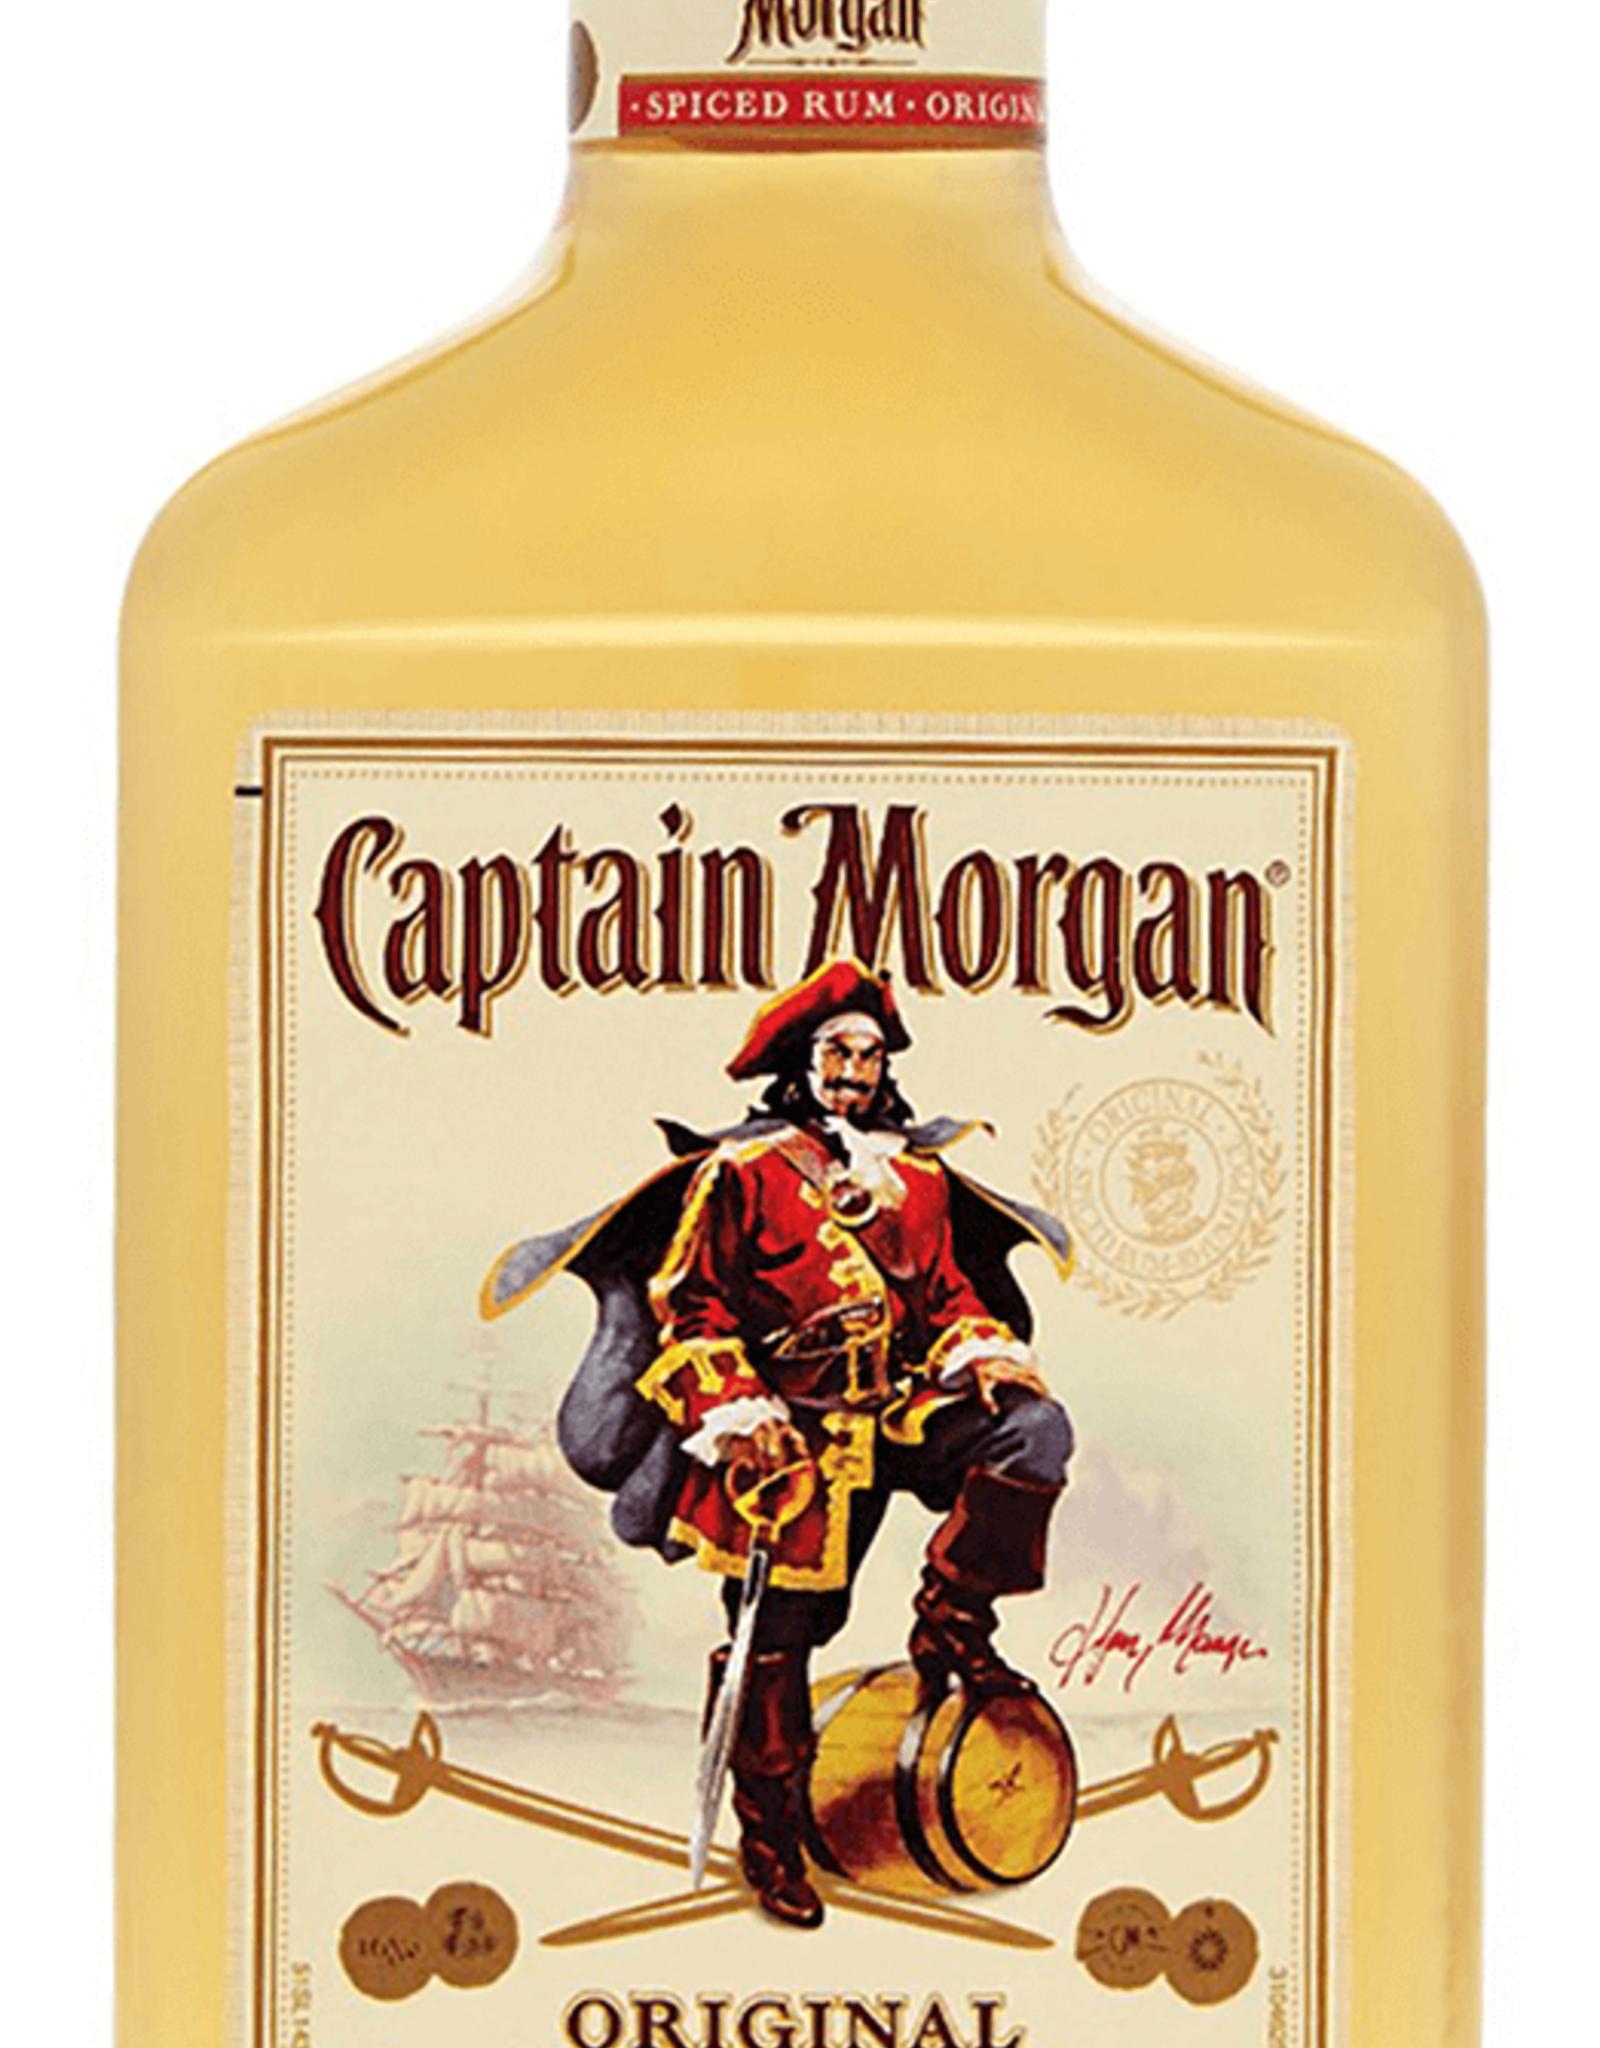 Captain Morgan Captain Morgan Spiced Rum 375ML